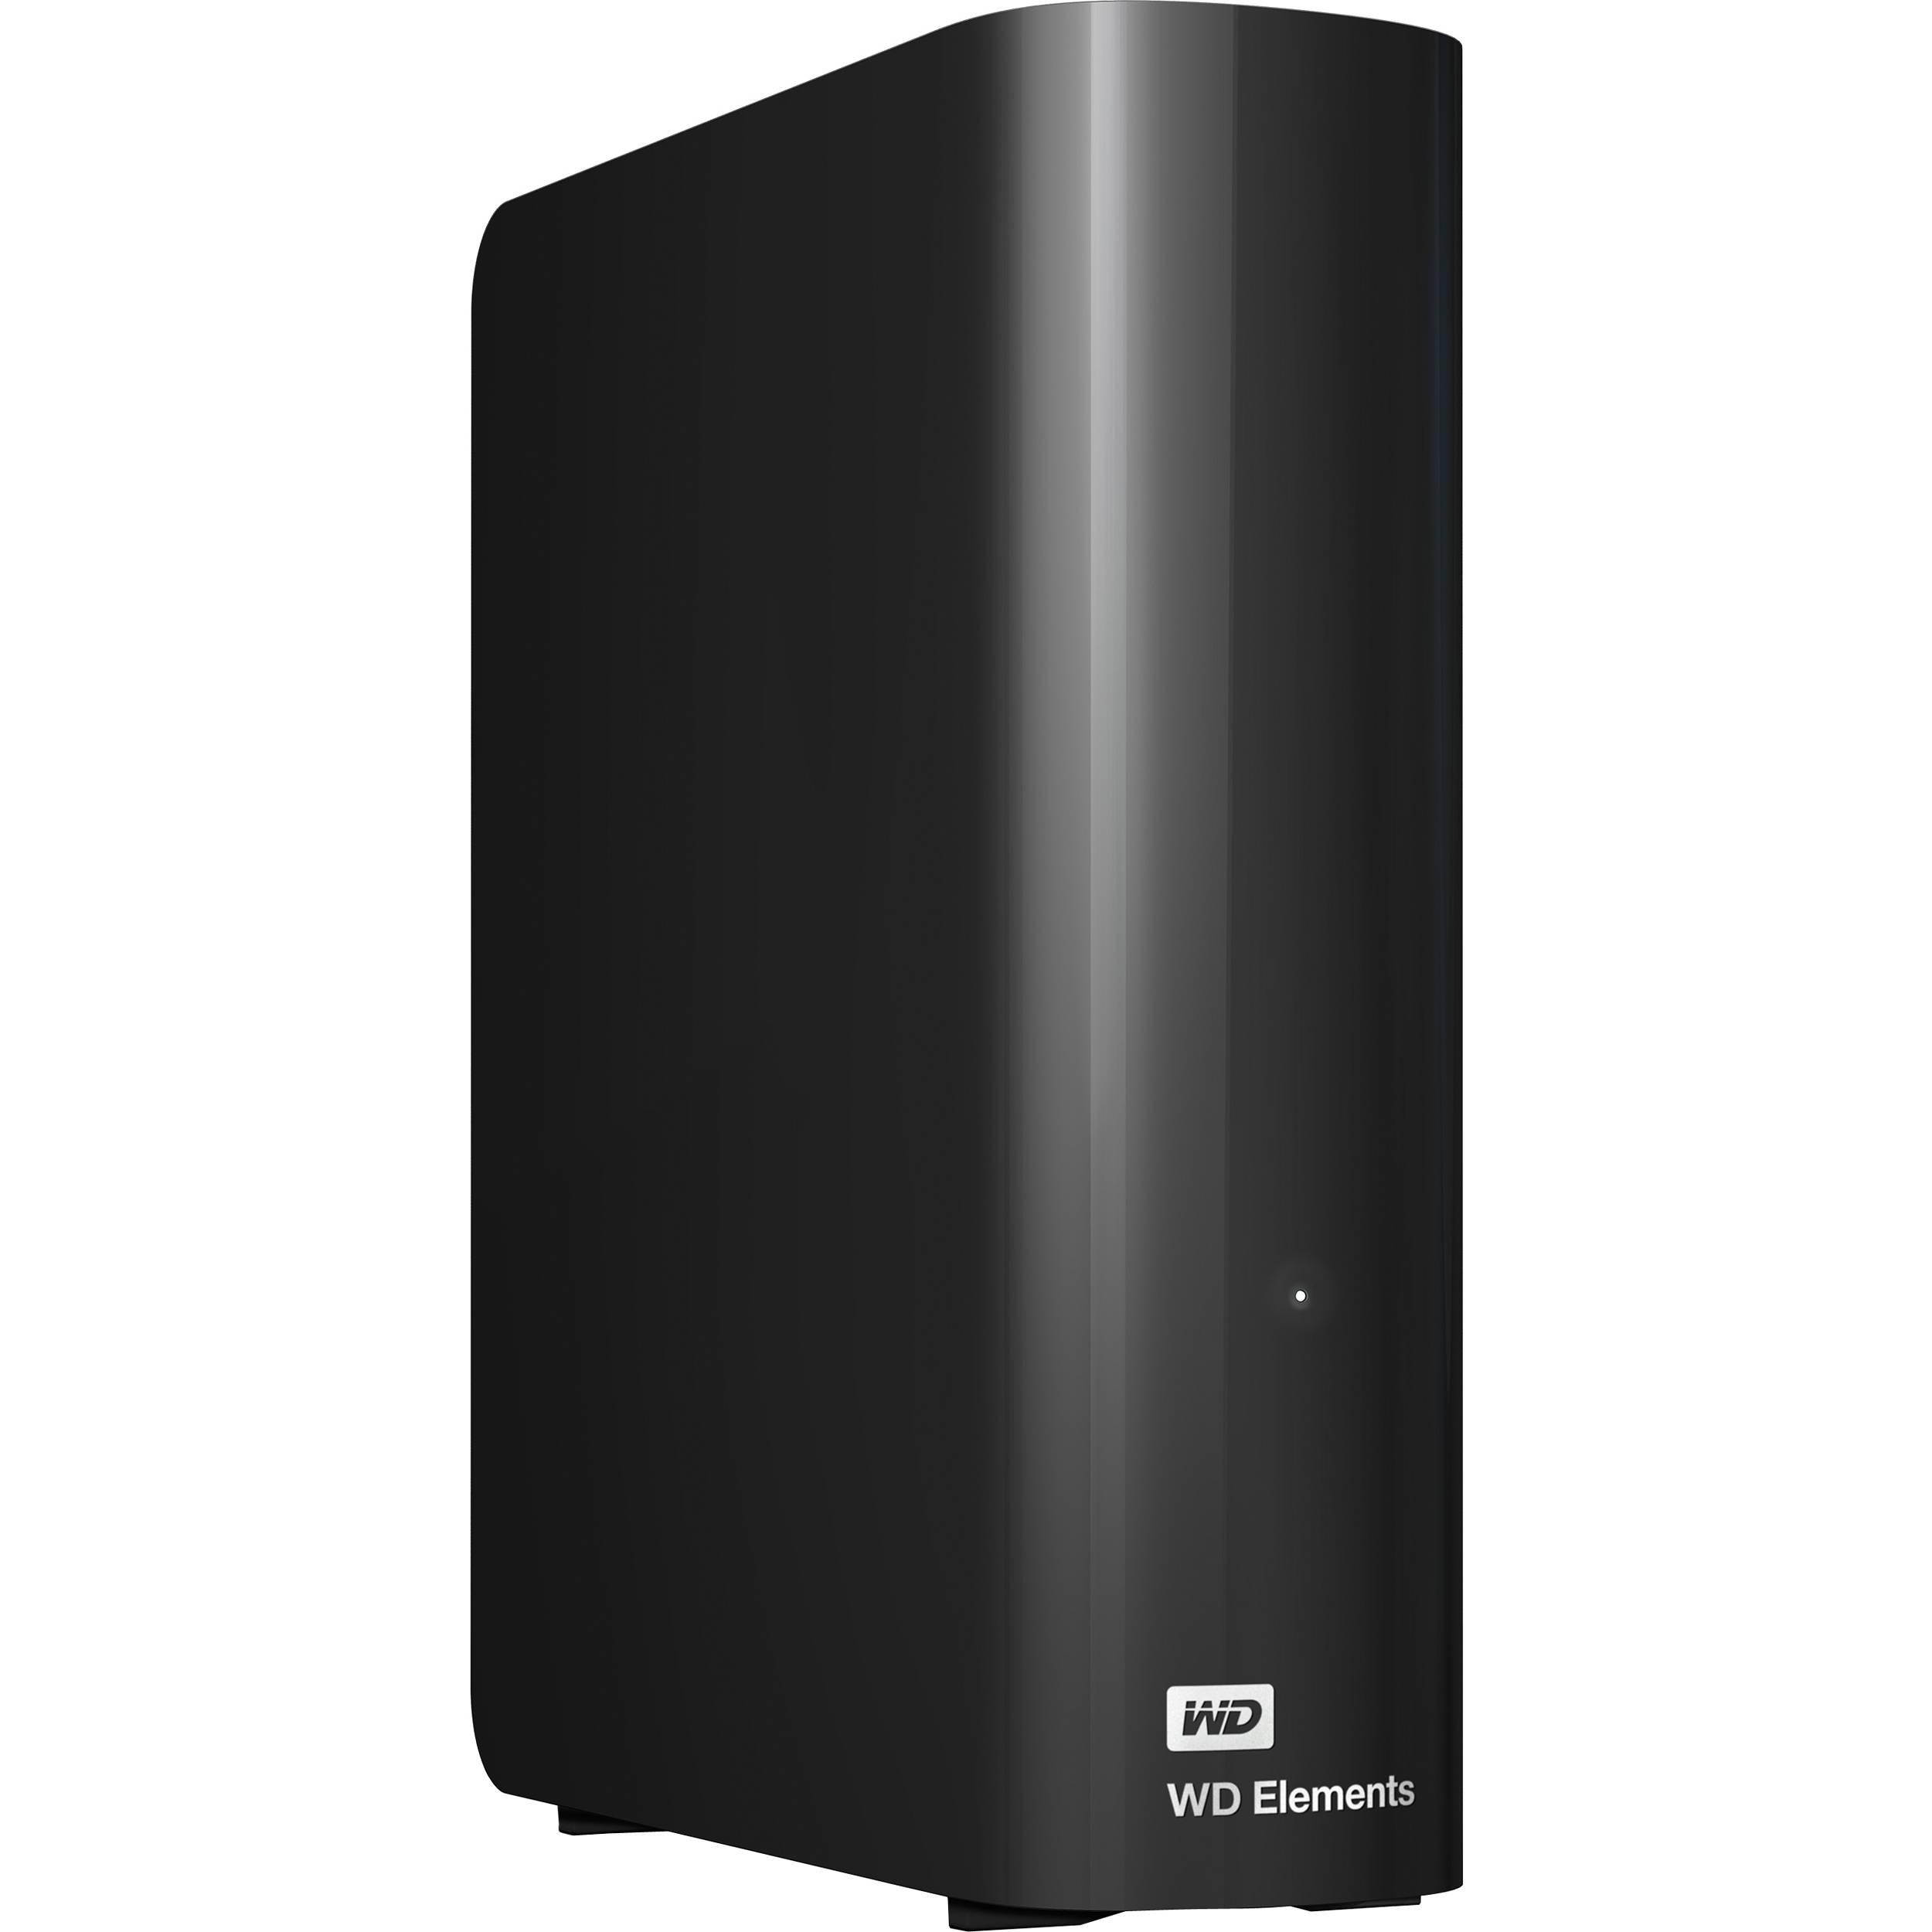 WD 4TB Elements Desktop USB 3 0 External Hard Drive